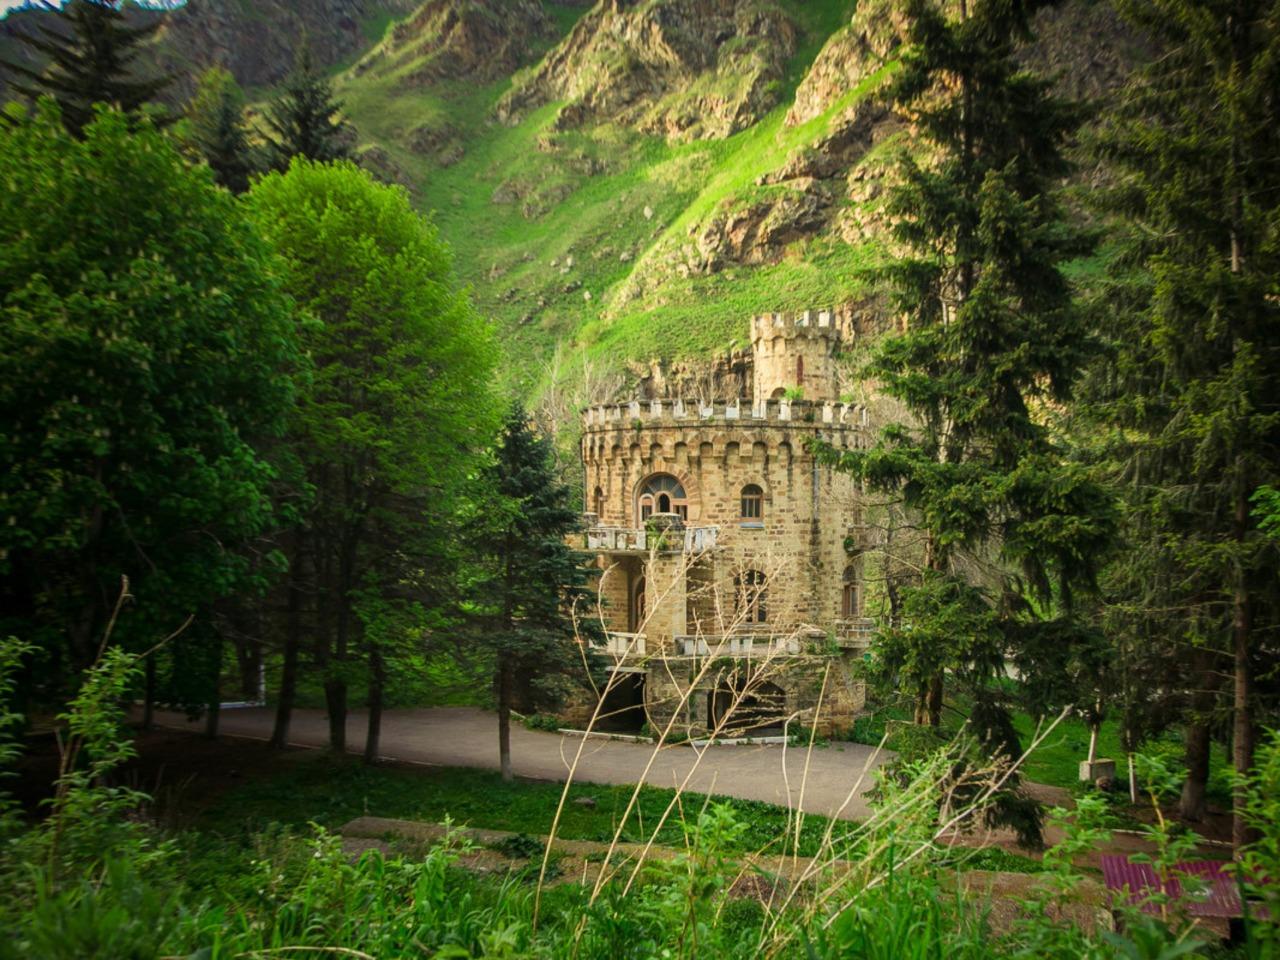 Долина нарзанов - целебная сказка Балкарии - групповая экскурсия в Кисловодске от опытного гида